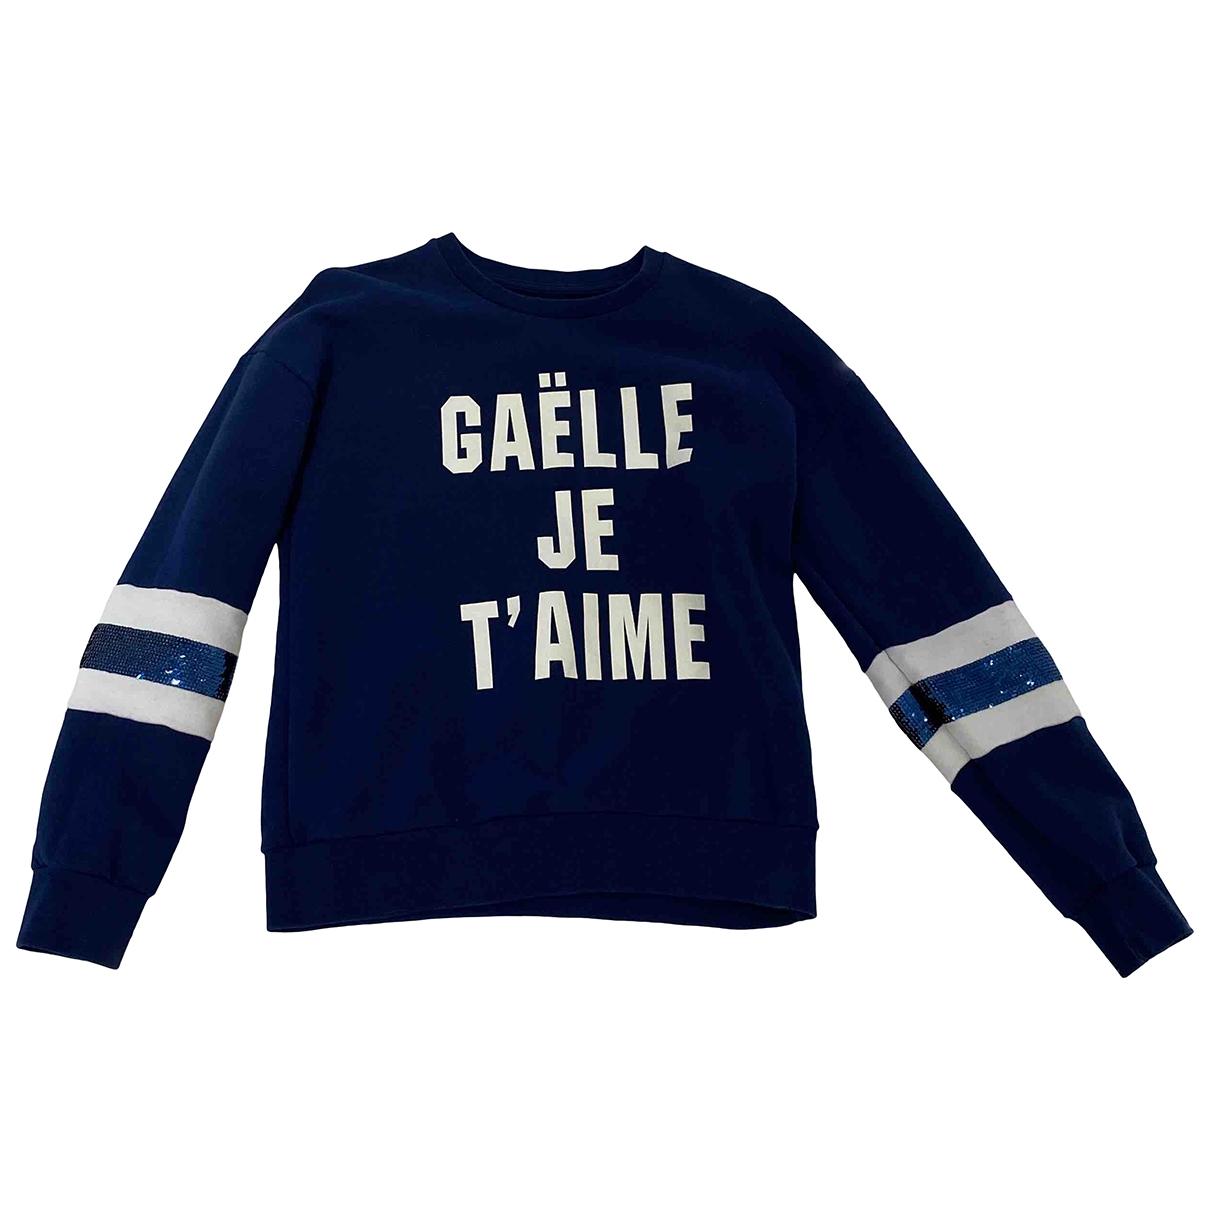 Gaelle Paris \N Top in  Blau Baumwolle